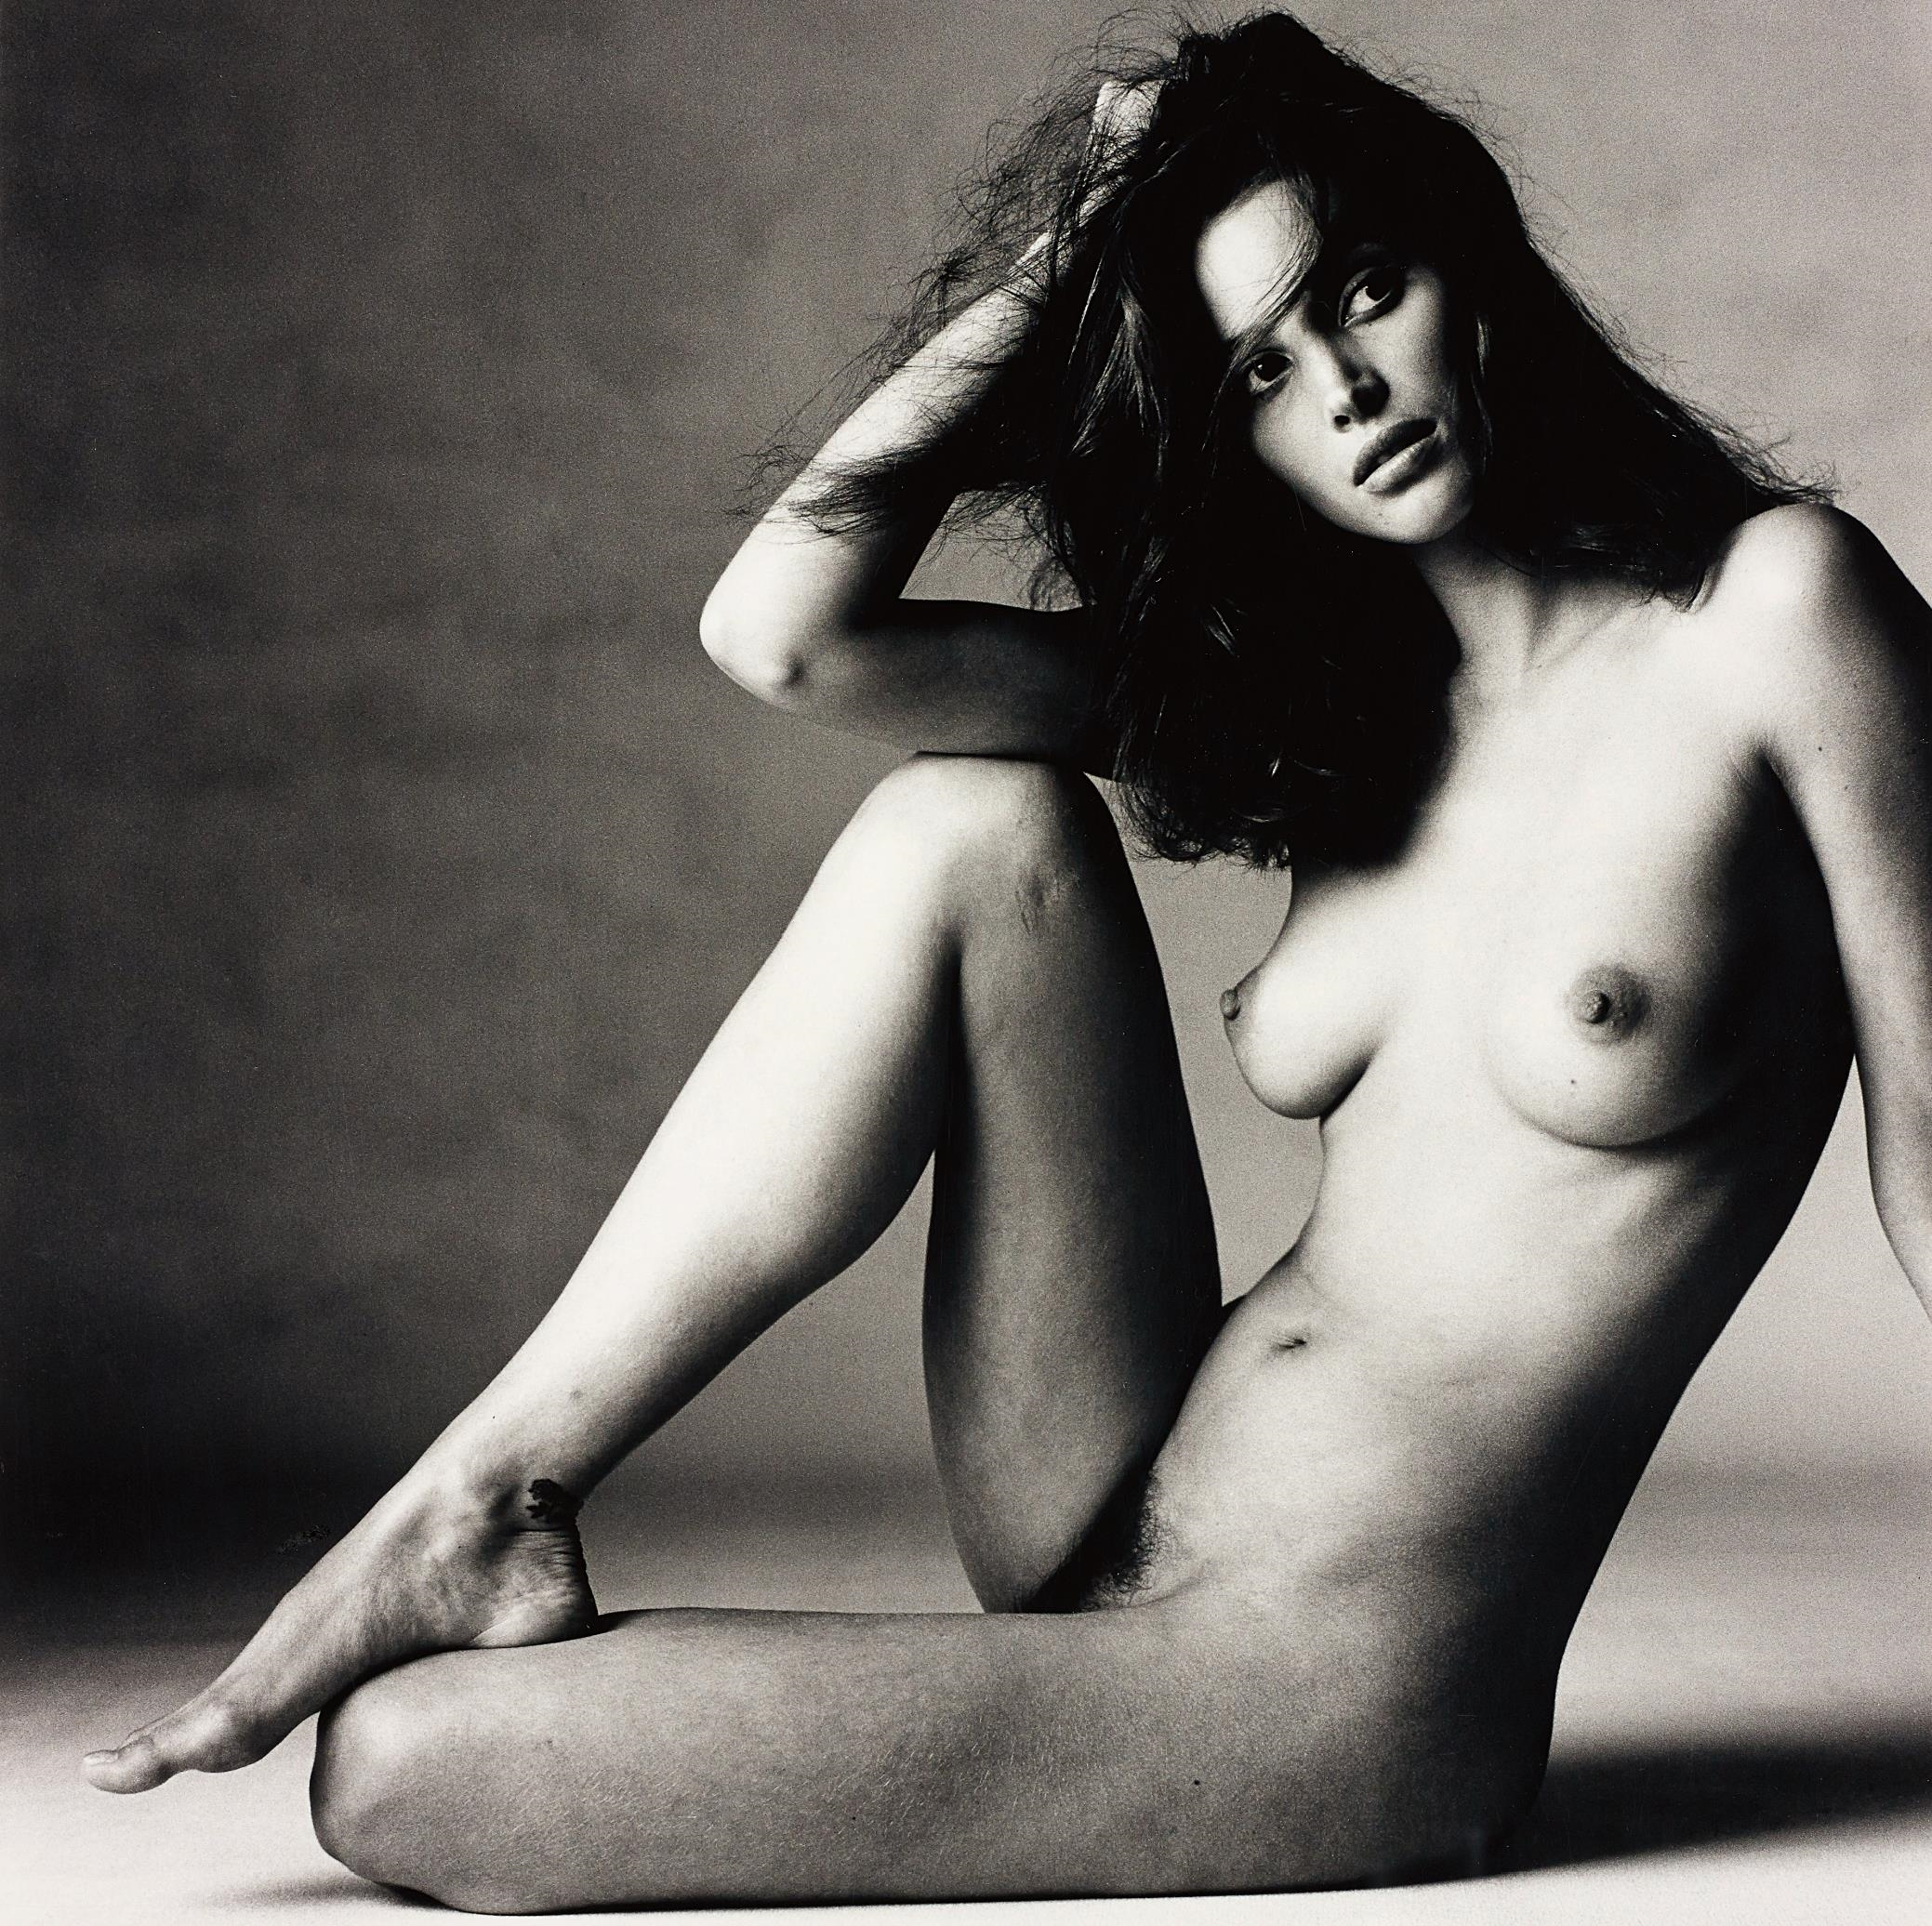 tastefull naked woman